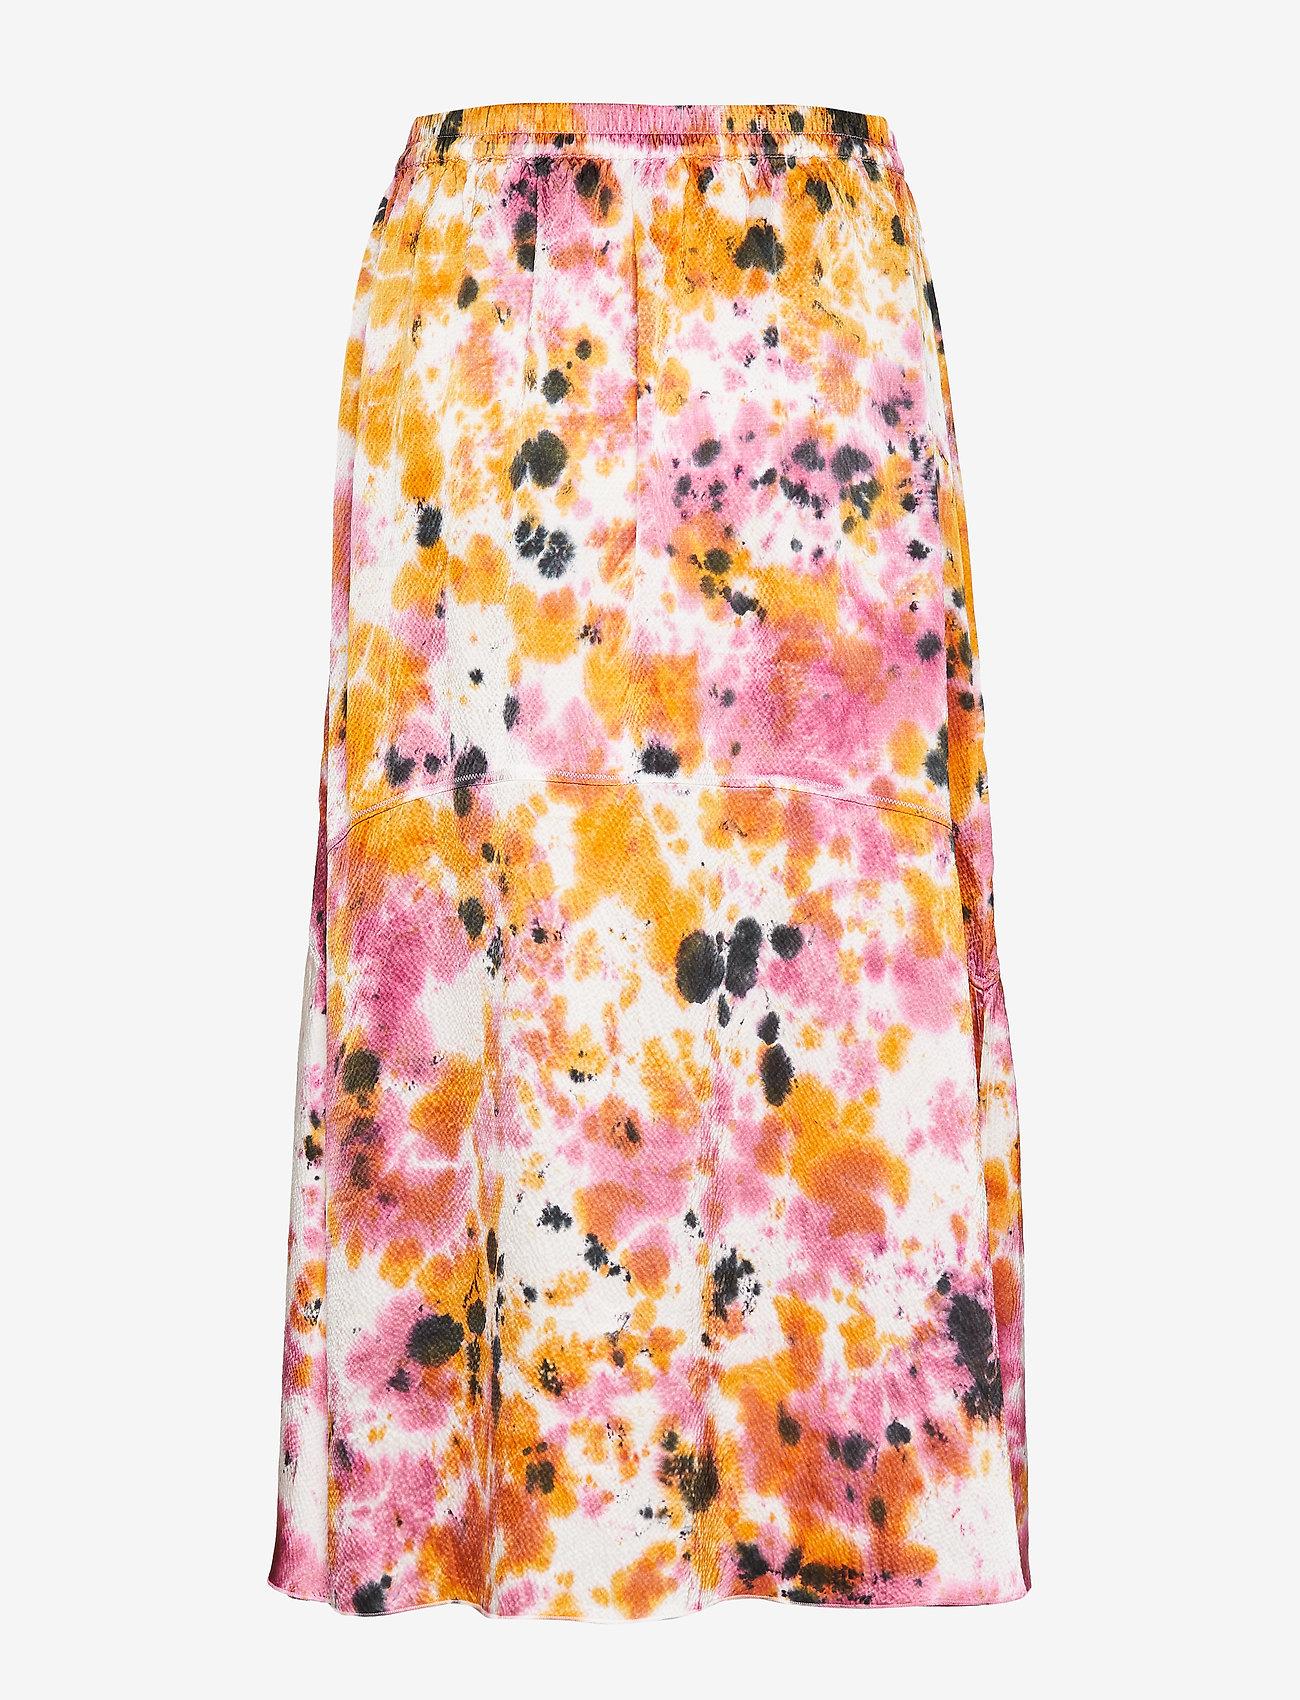 Torunn (Tie Dye Complectere) - Fall Winter Spring Summer VqzbXE